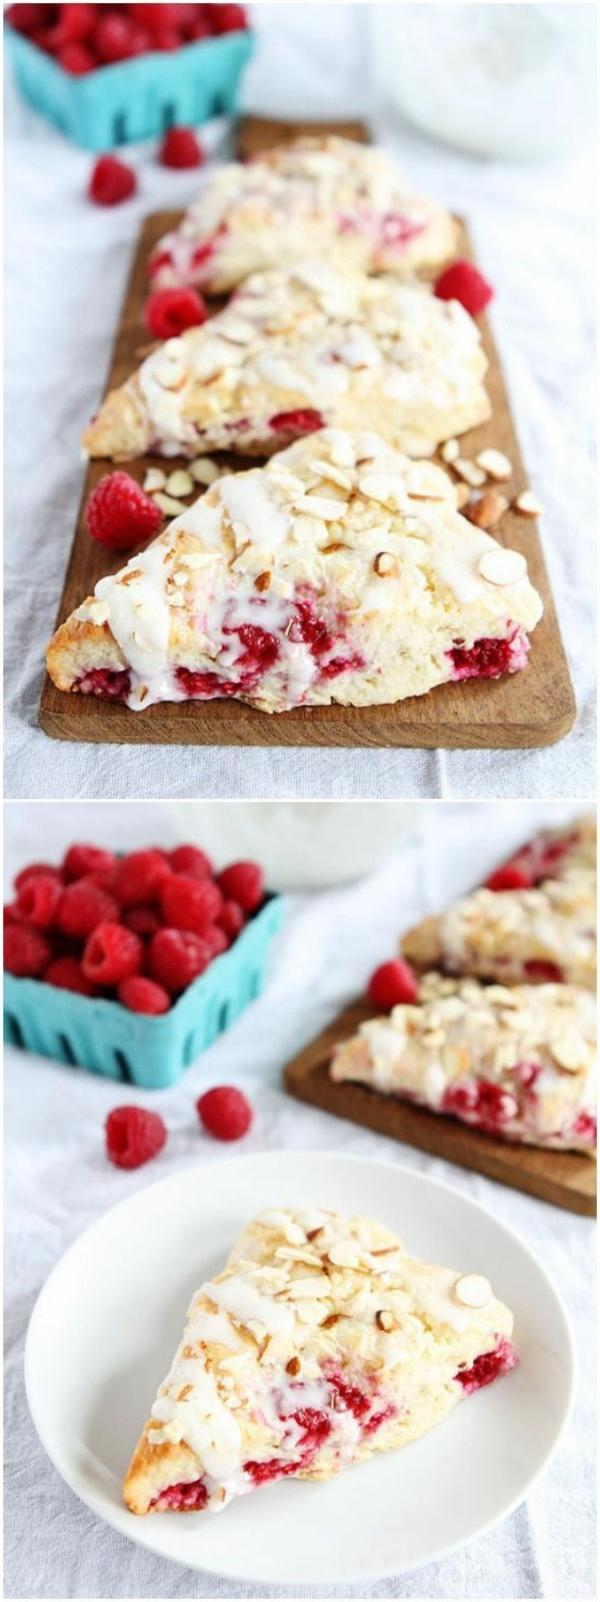 Brunch con torta dolce, decorazione torta con lamponi, glassa di zucchero colore bianco